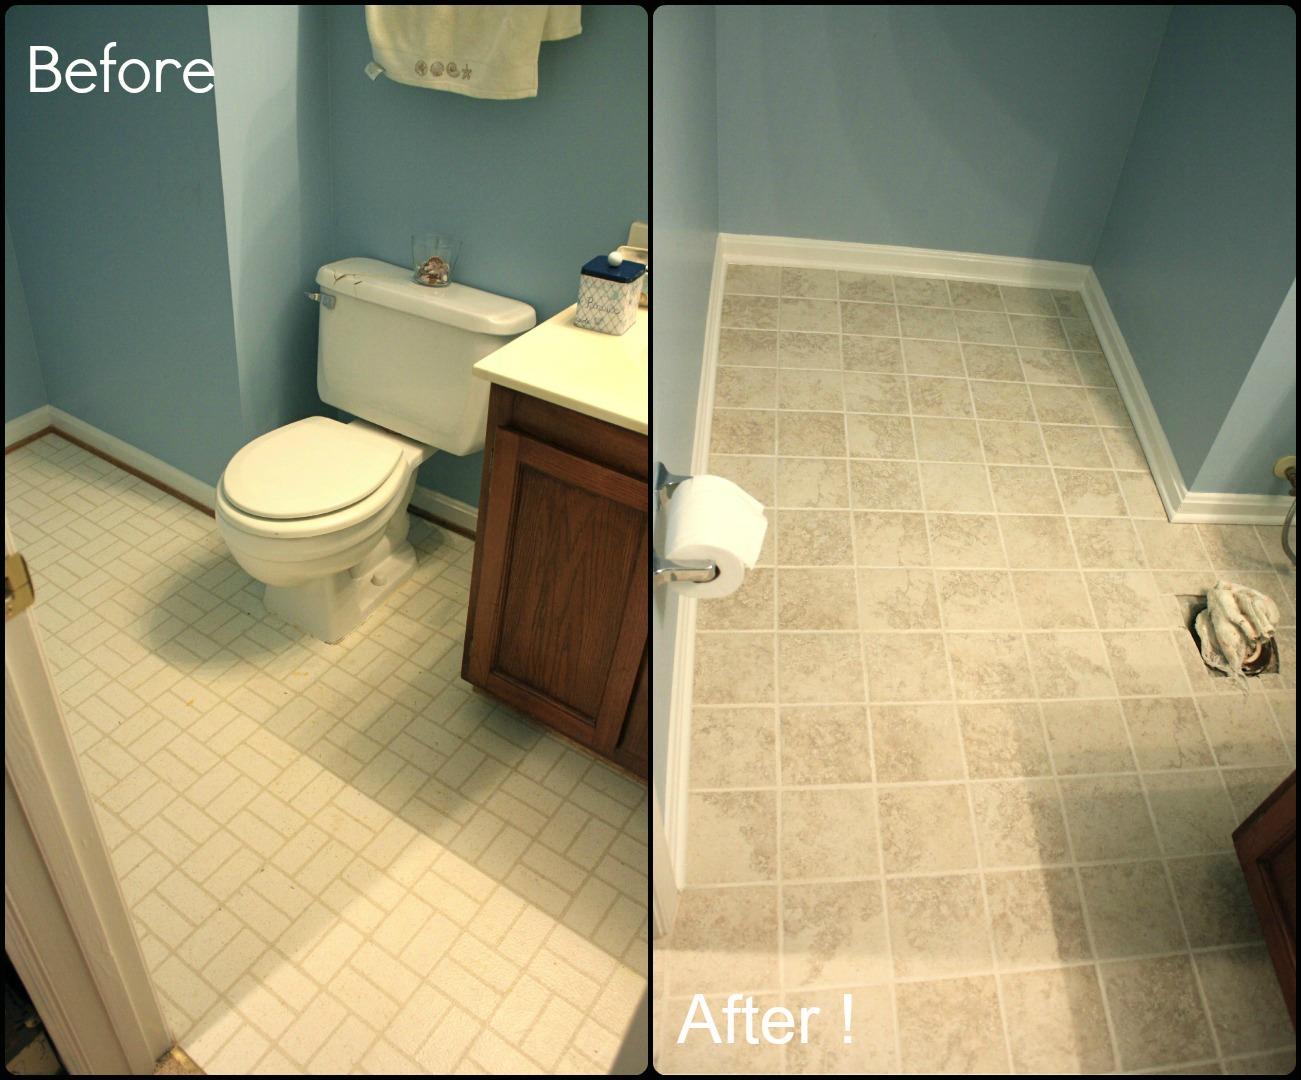 28 Model Bathroom Tiles And Paint Ideas   eyagci.com